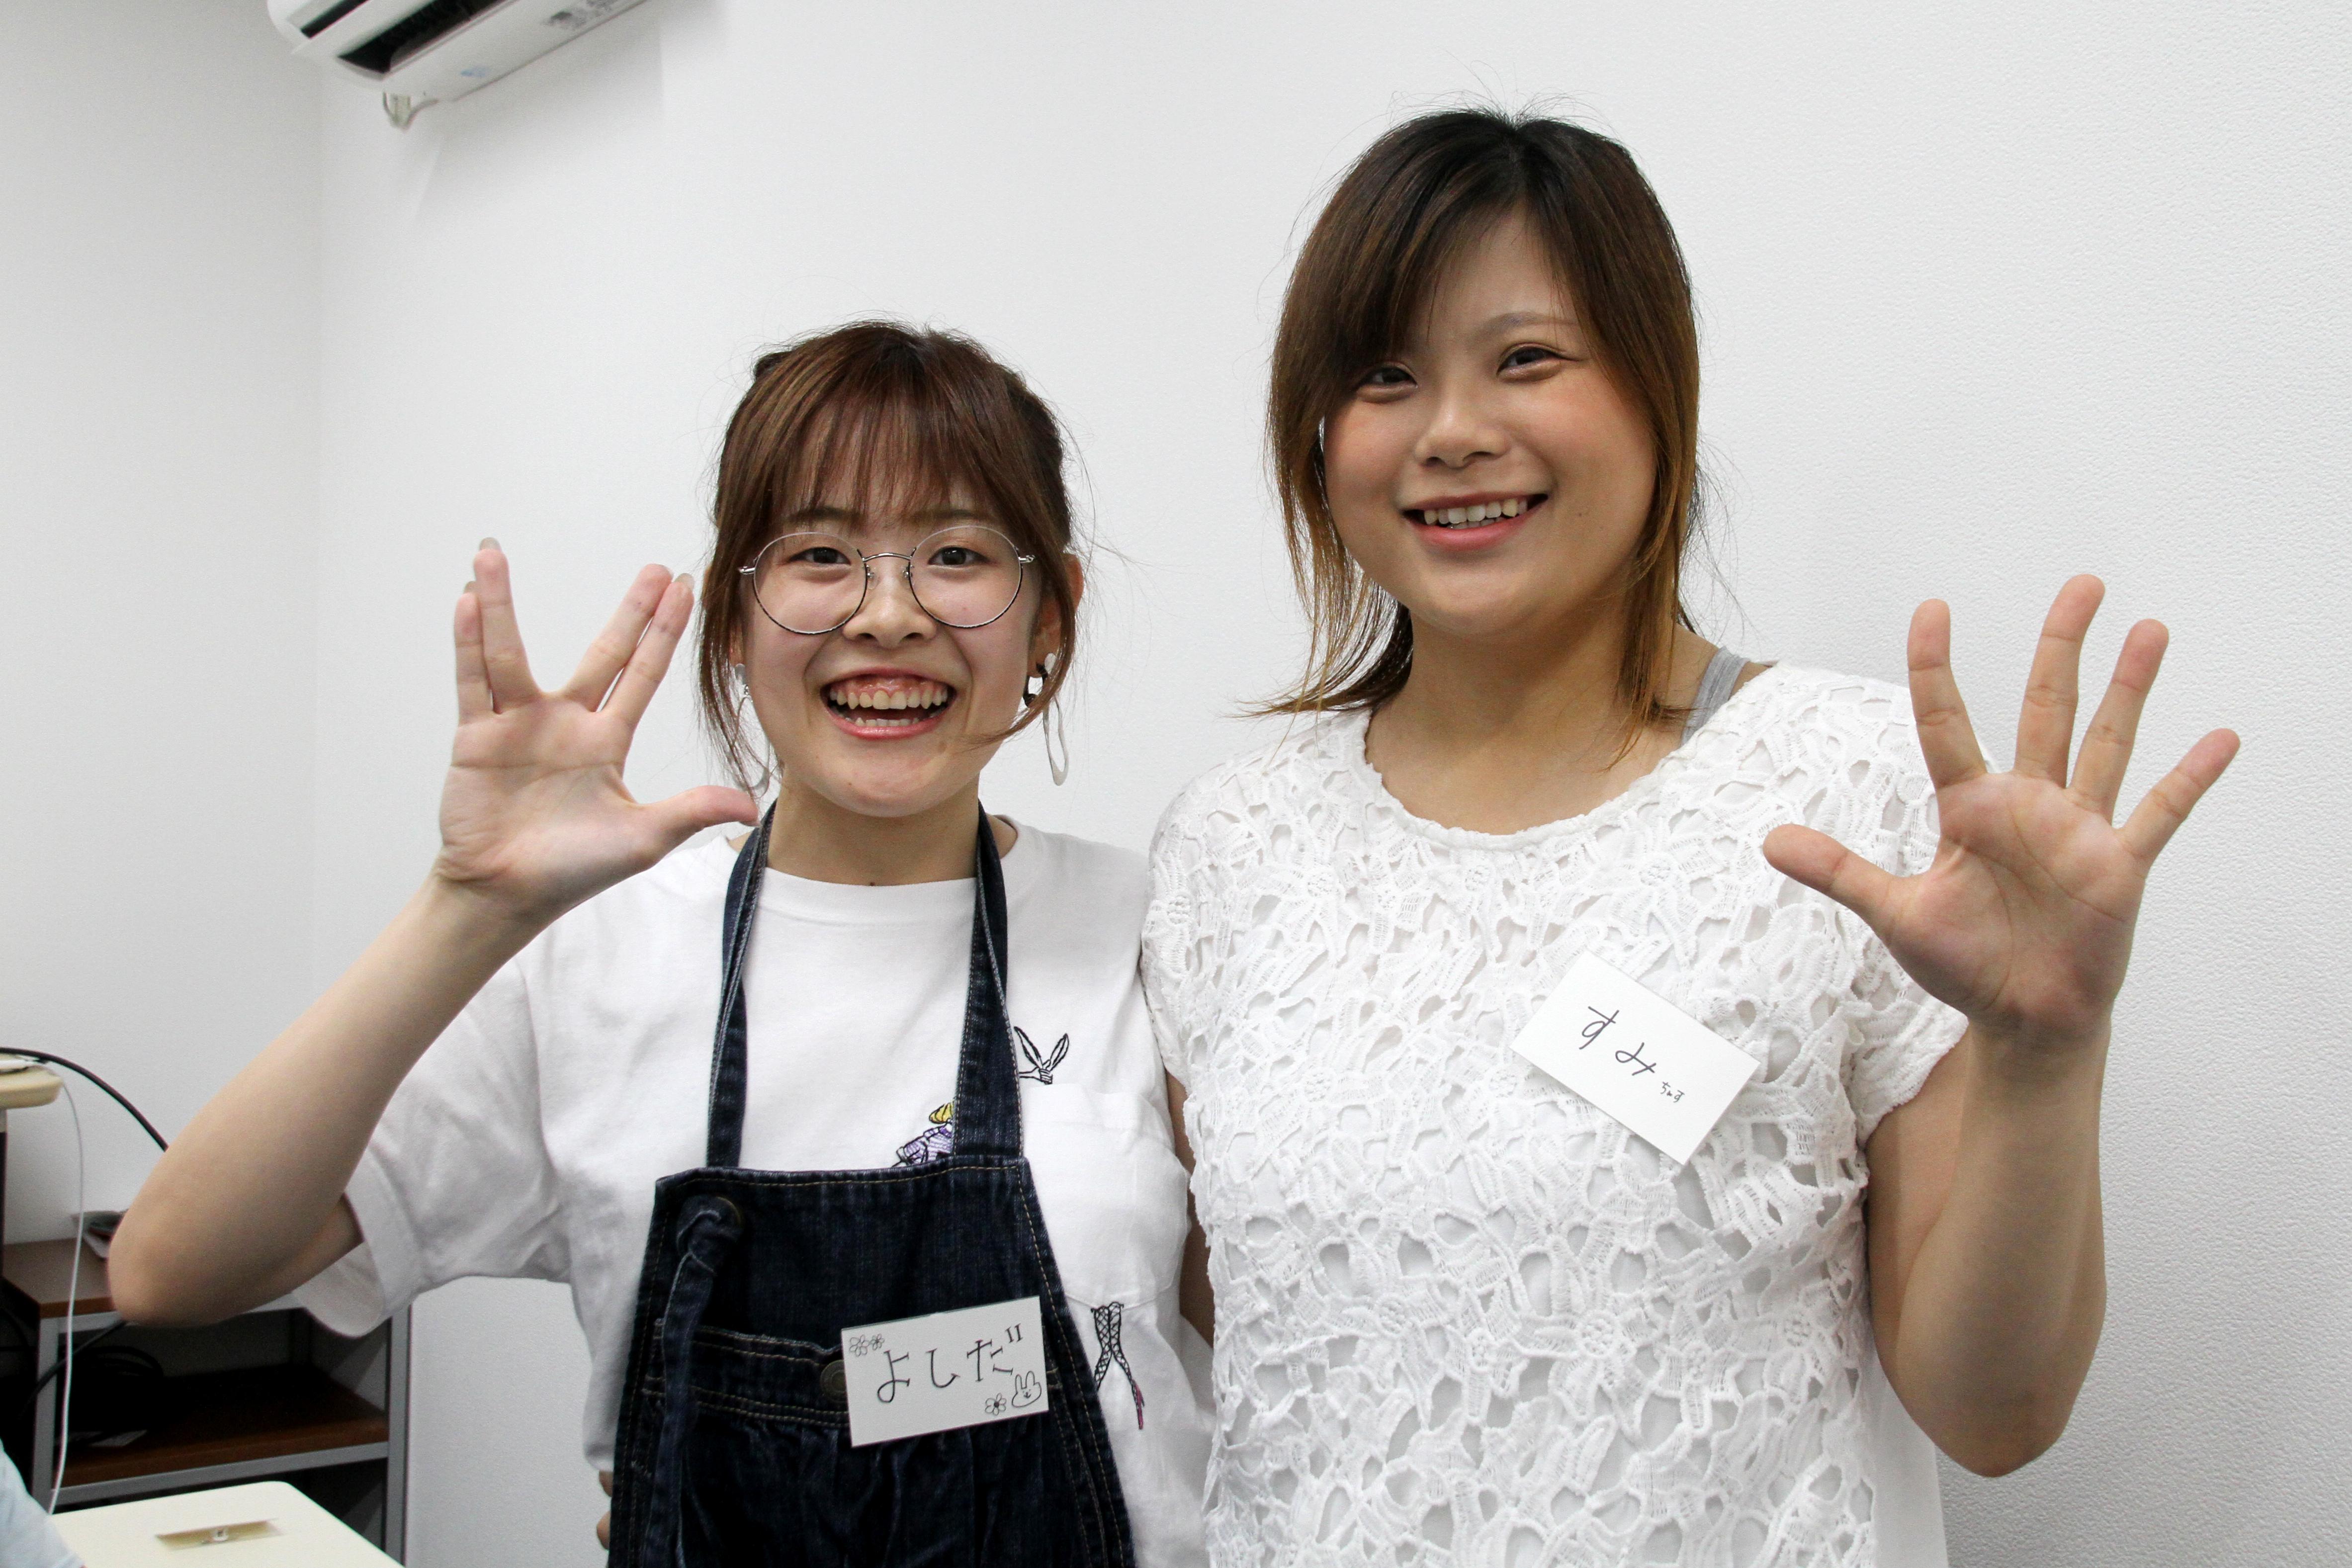 岐阜デザイン勉強会#5 交流会